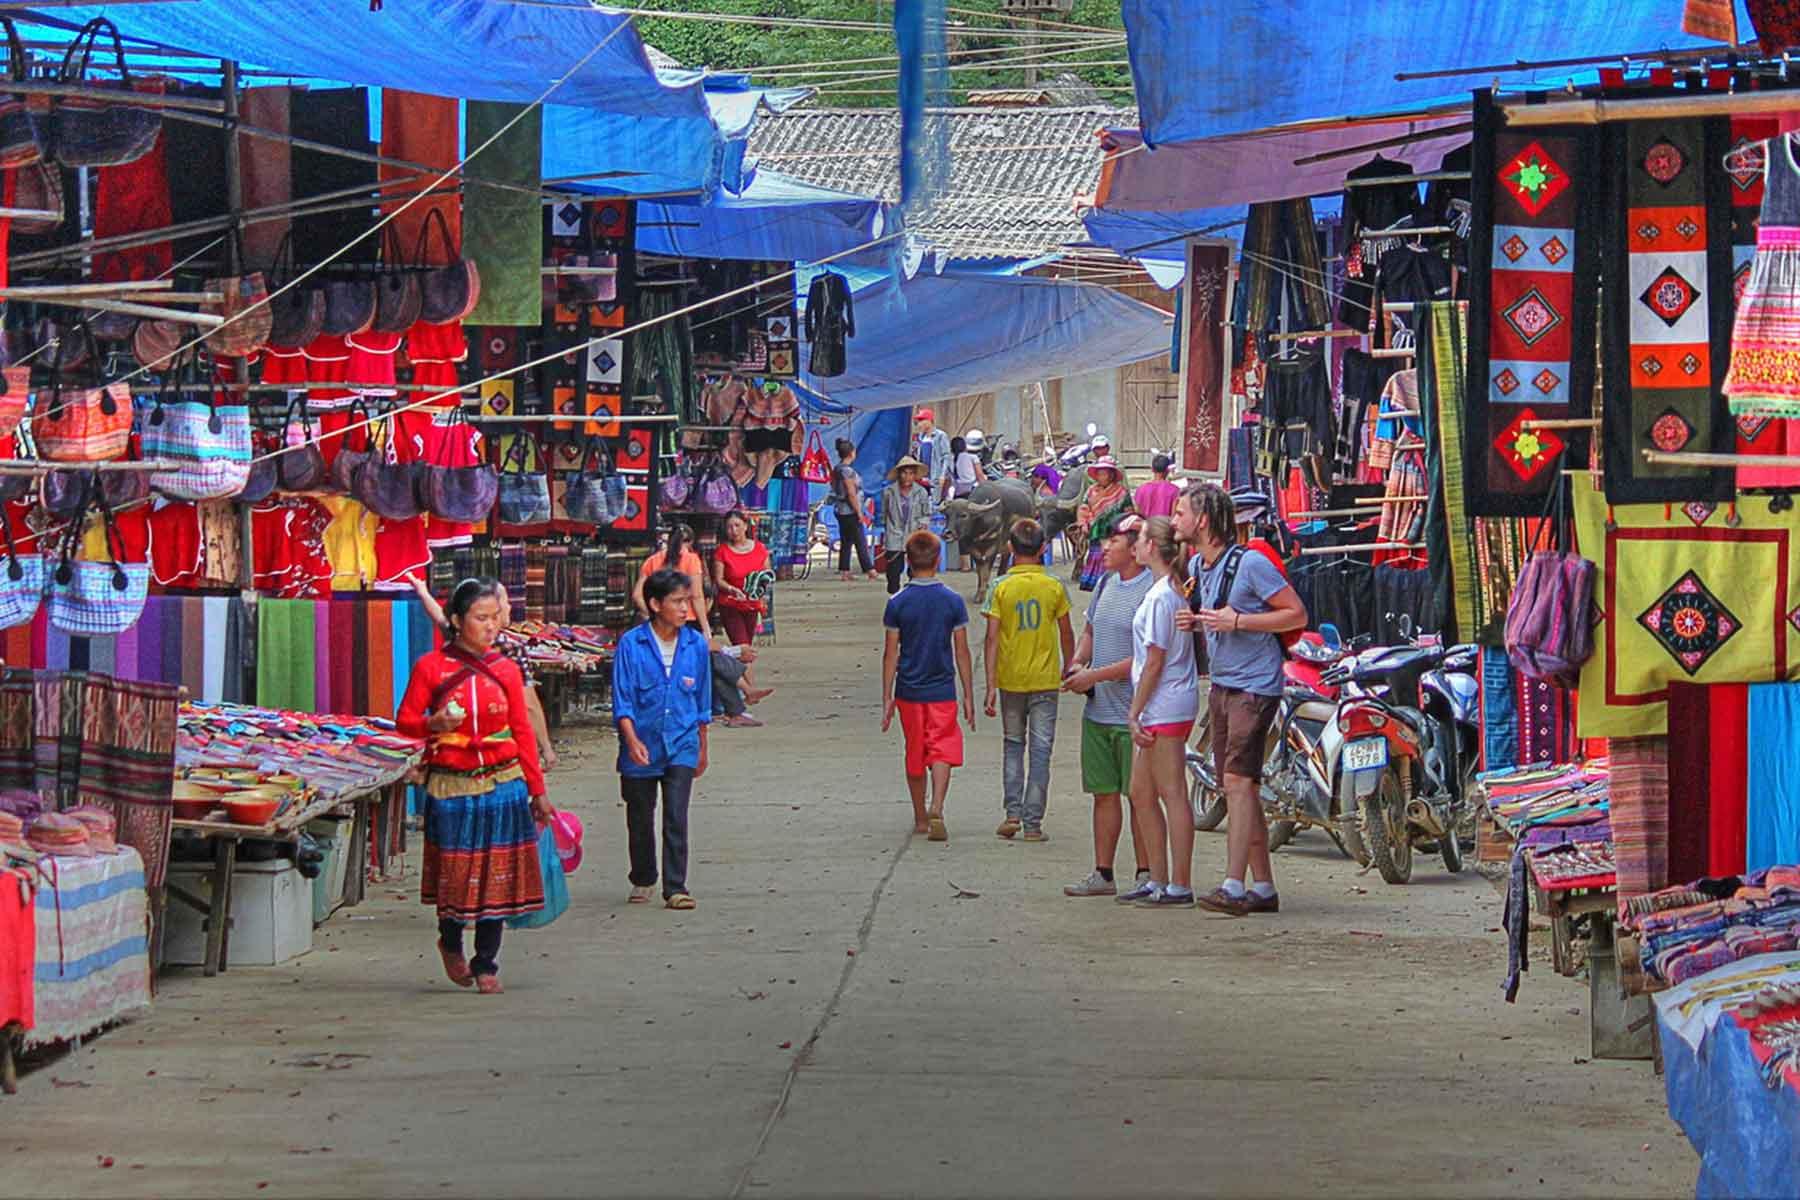 Bac Ha markt: De meest kleurrijke markt van Vietnam